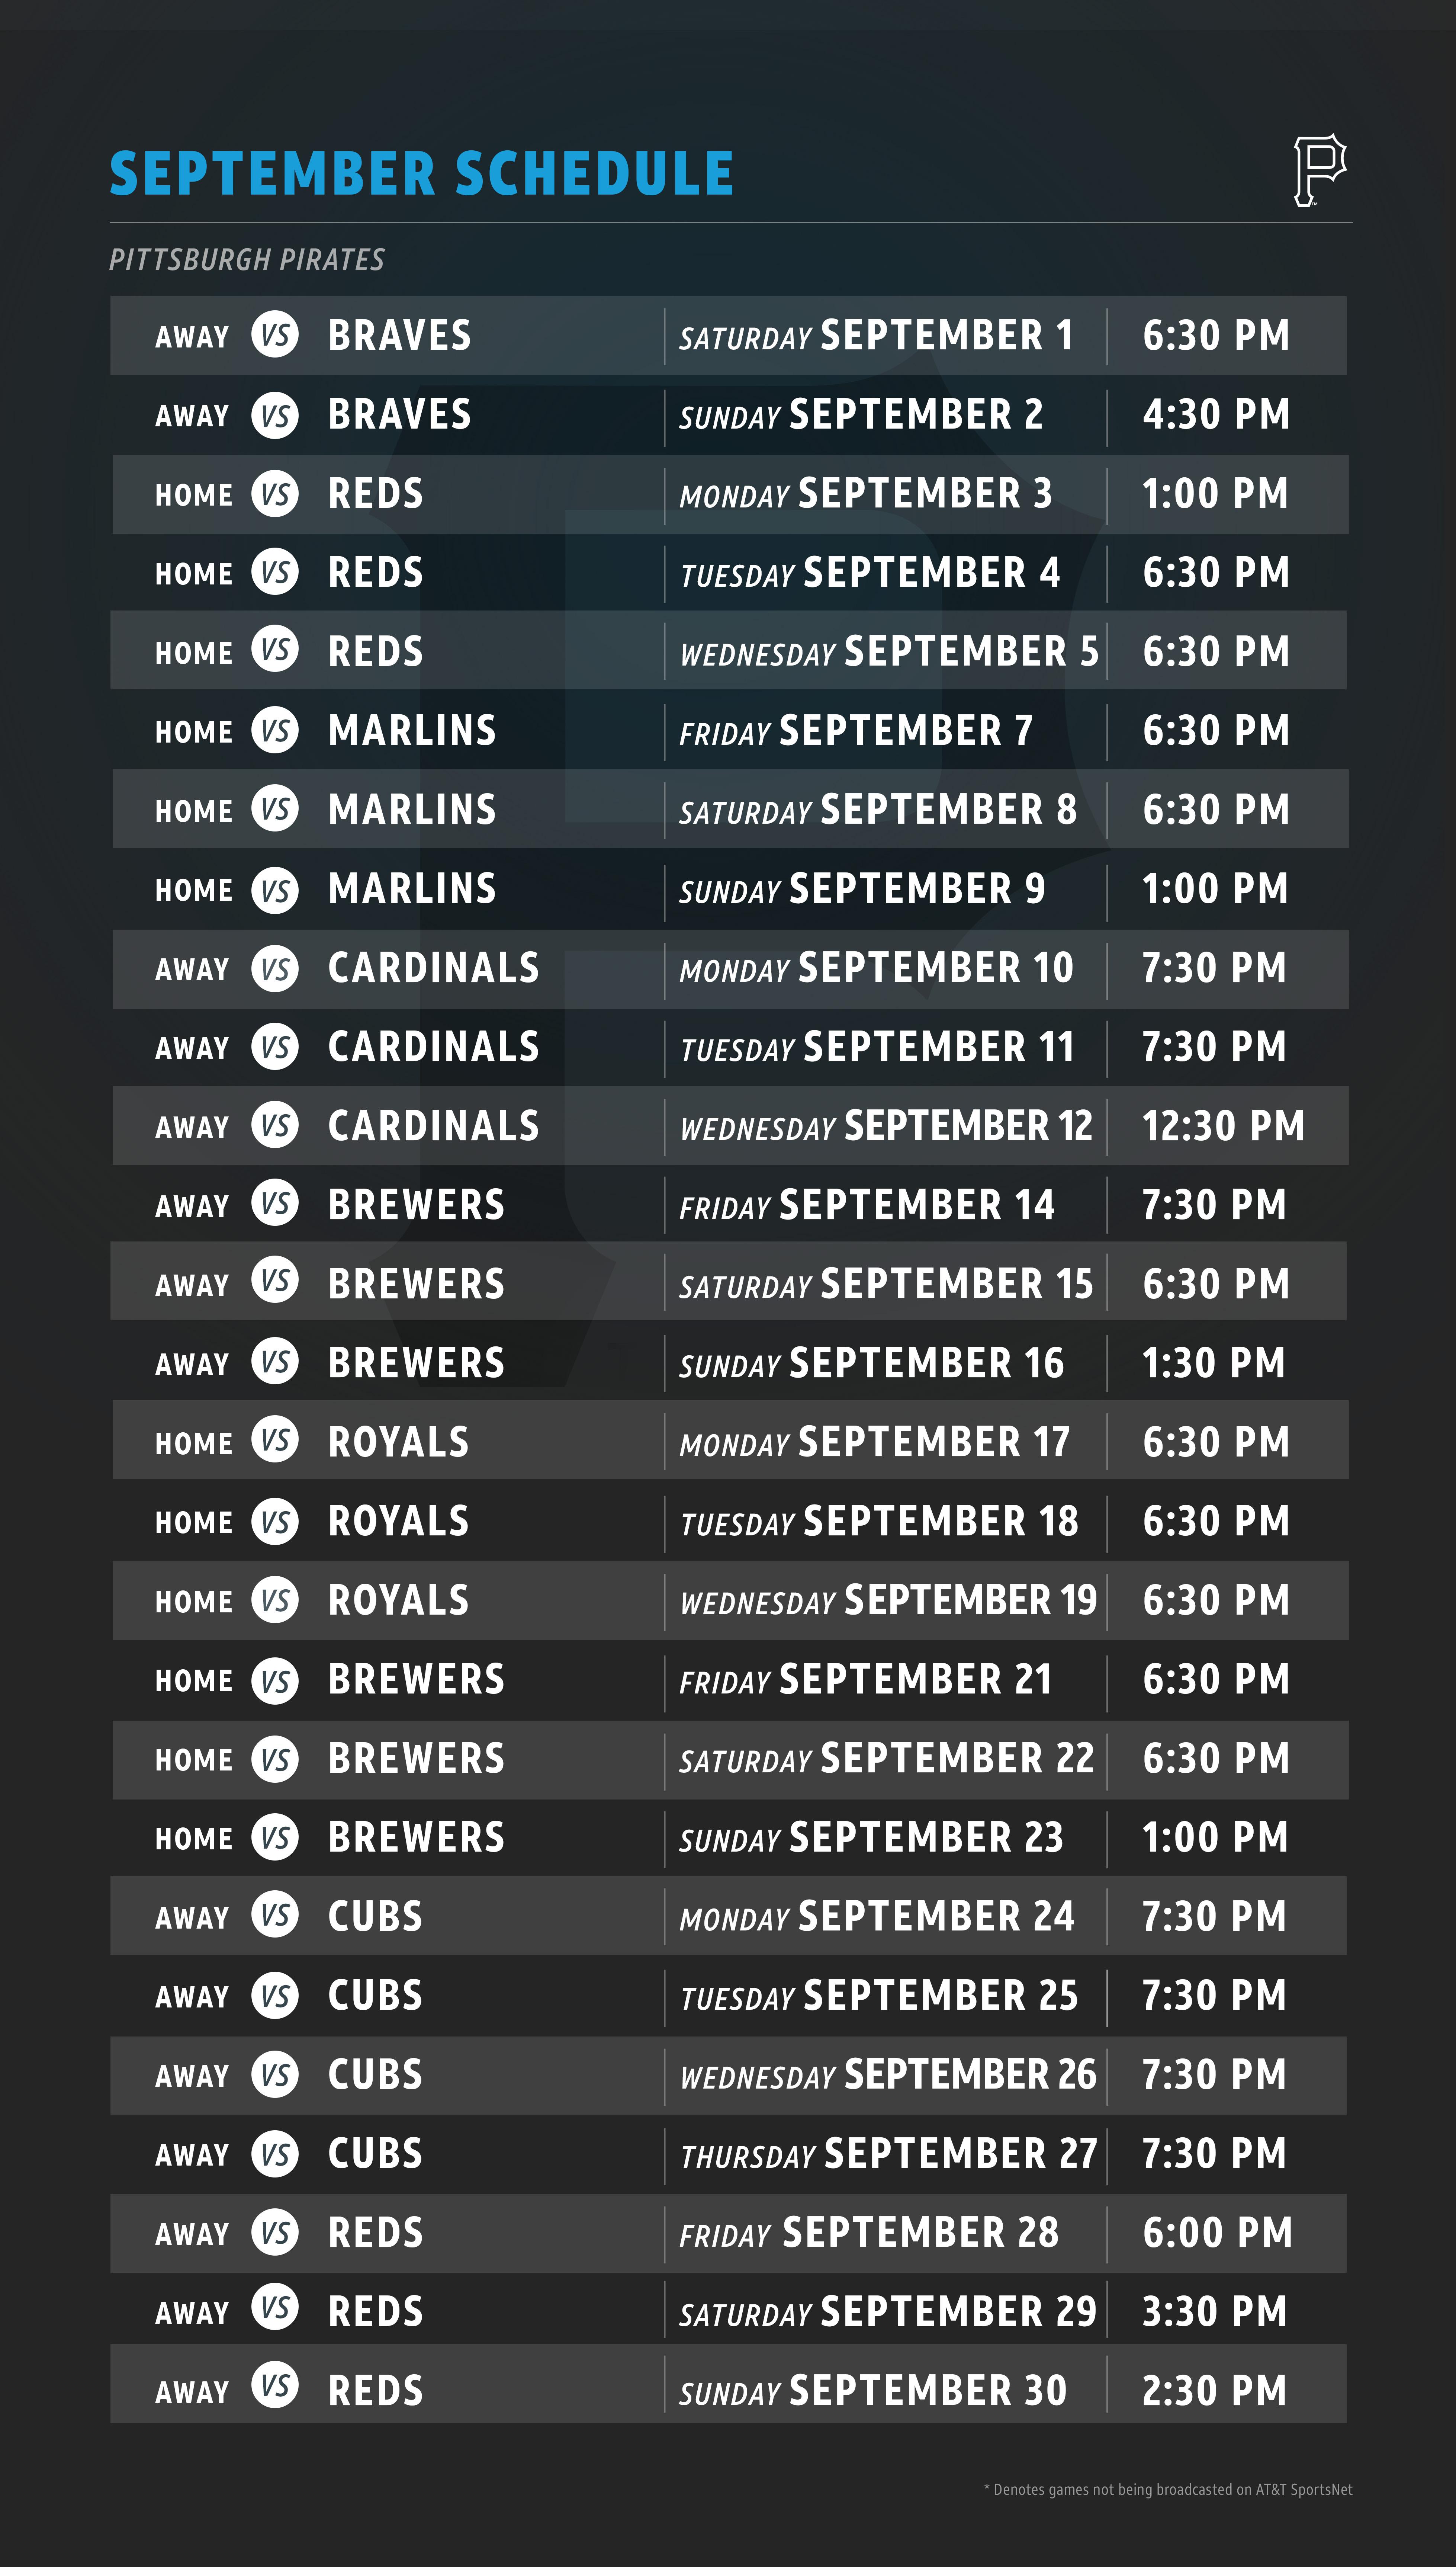 pirates schedule | at&t sportsnet